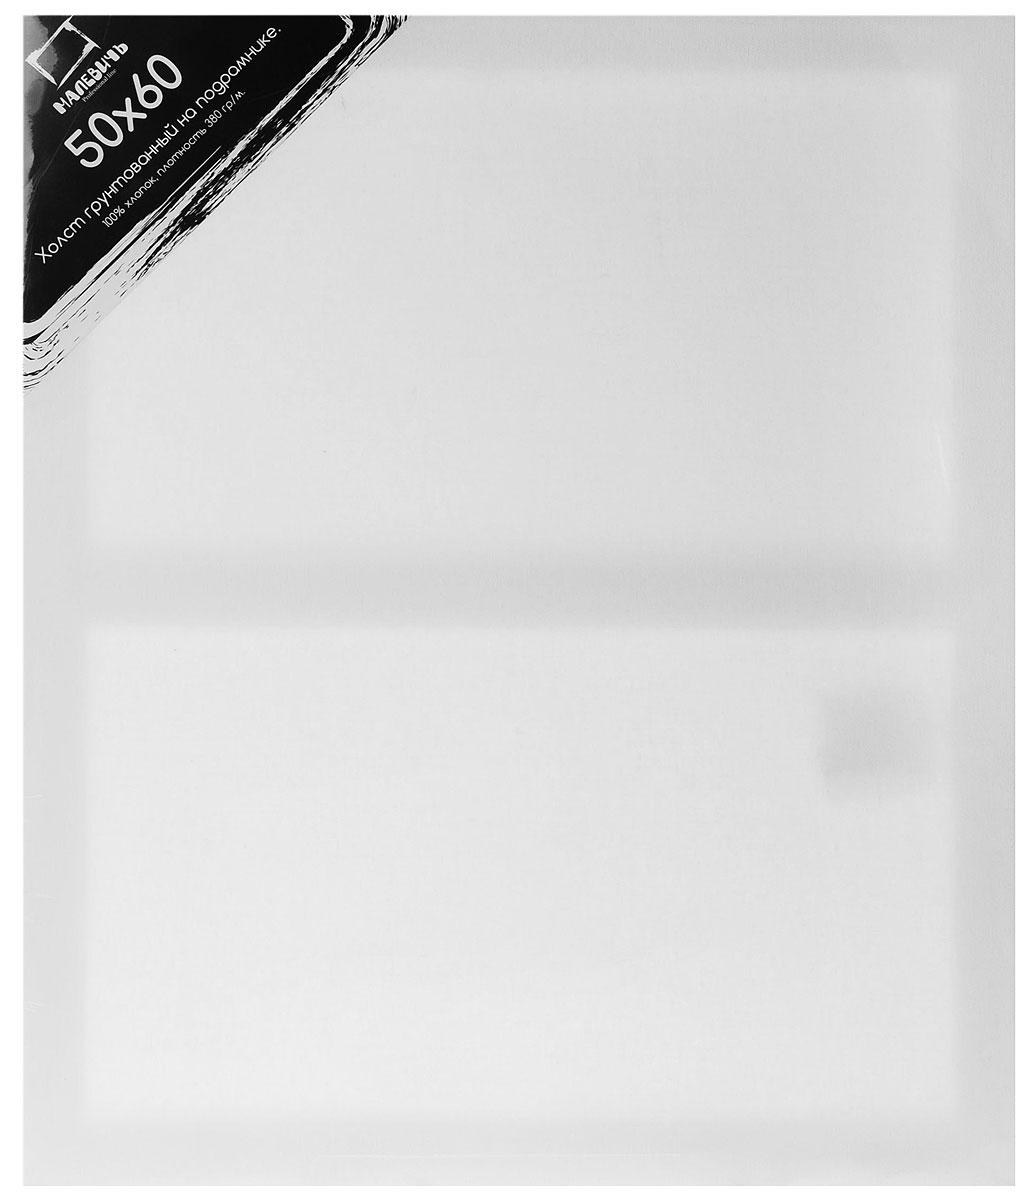 Малевичъ Холст на подрамнике 50 x 60 см 380 г/м2